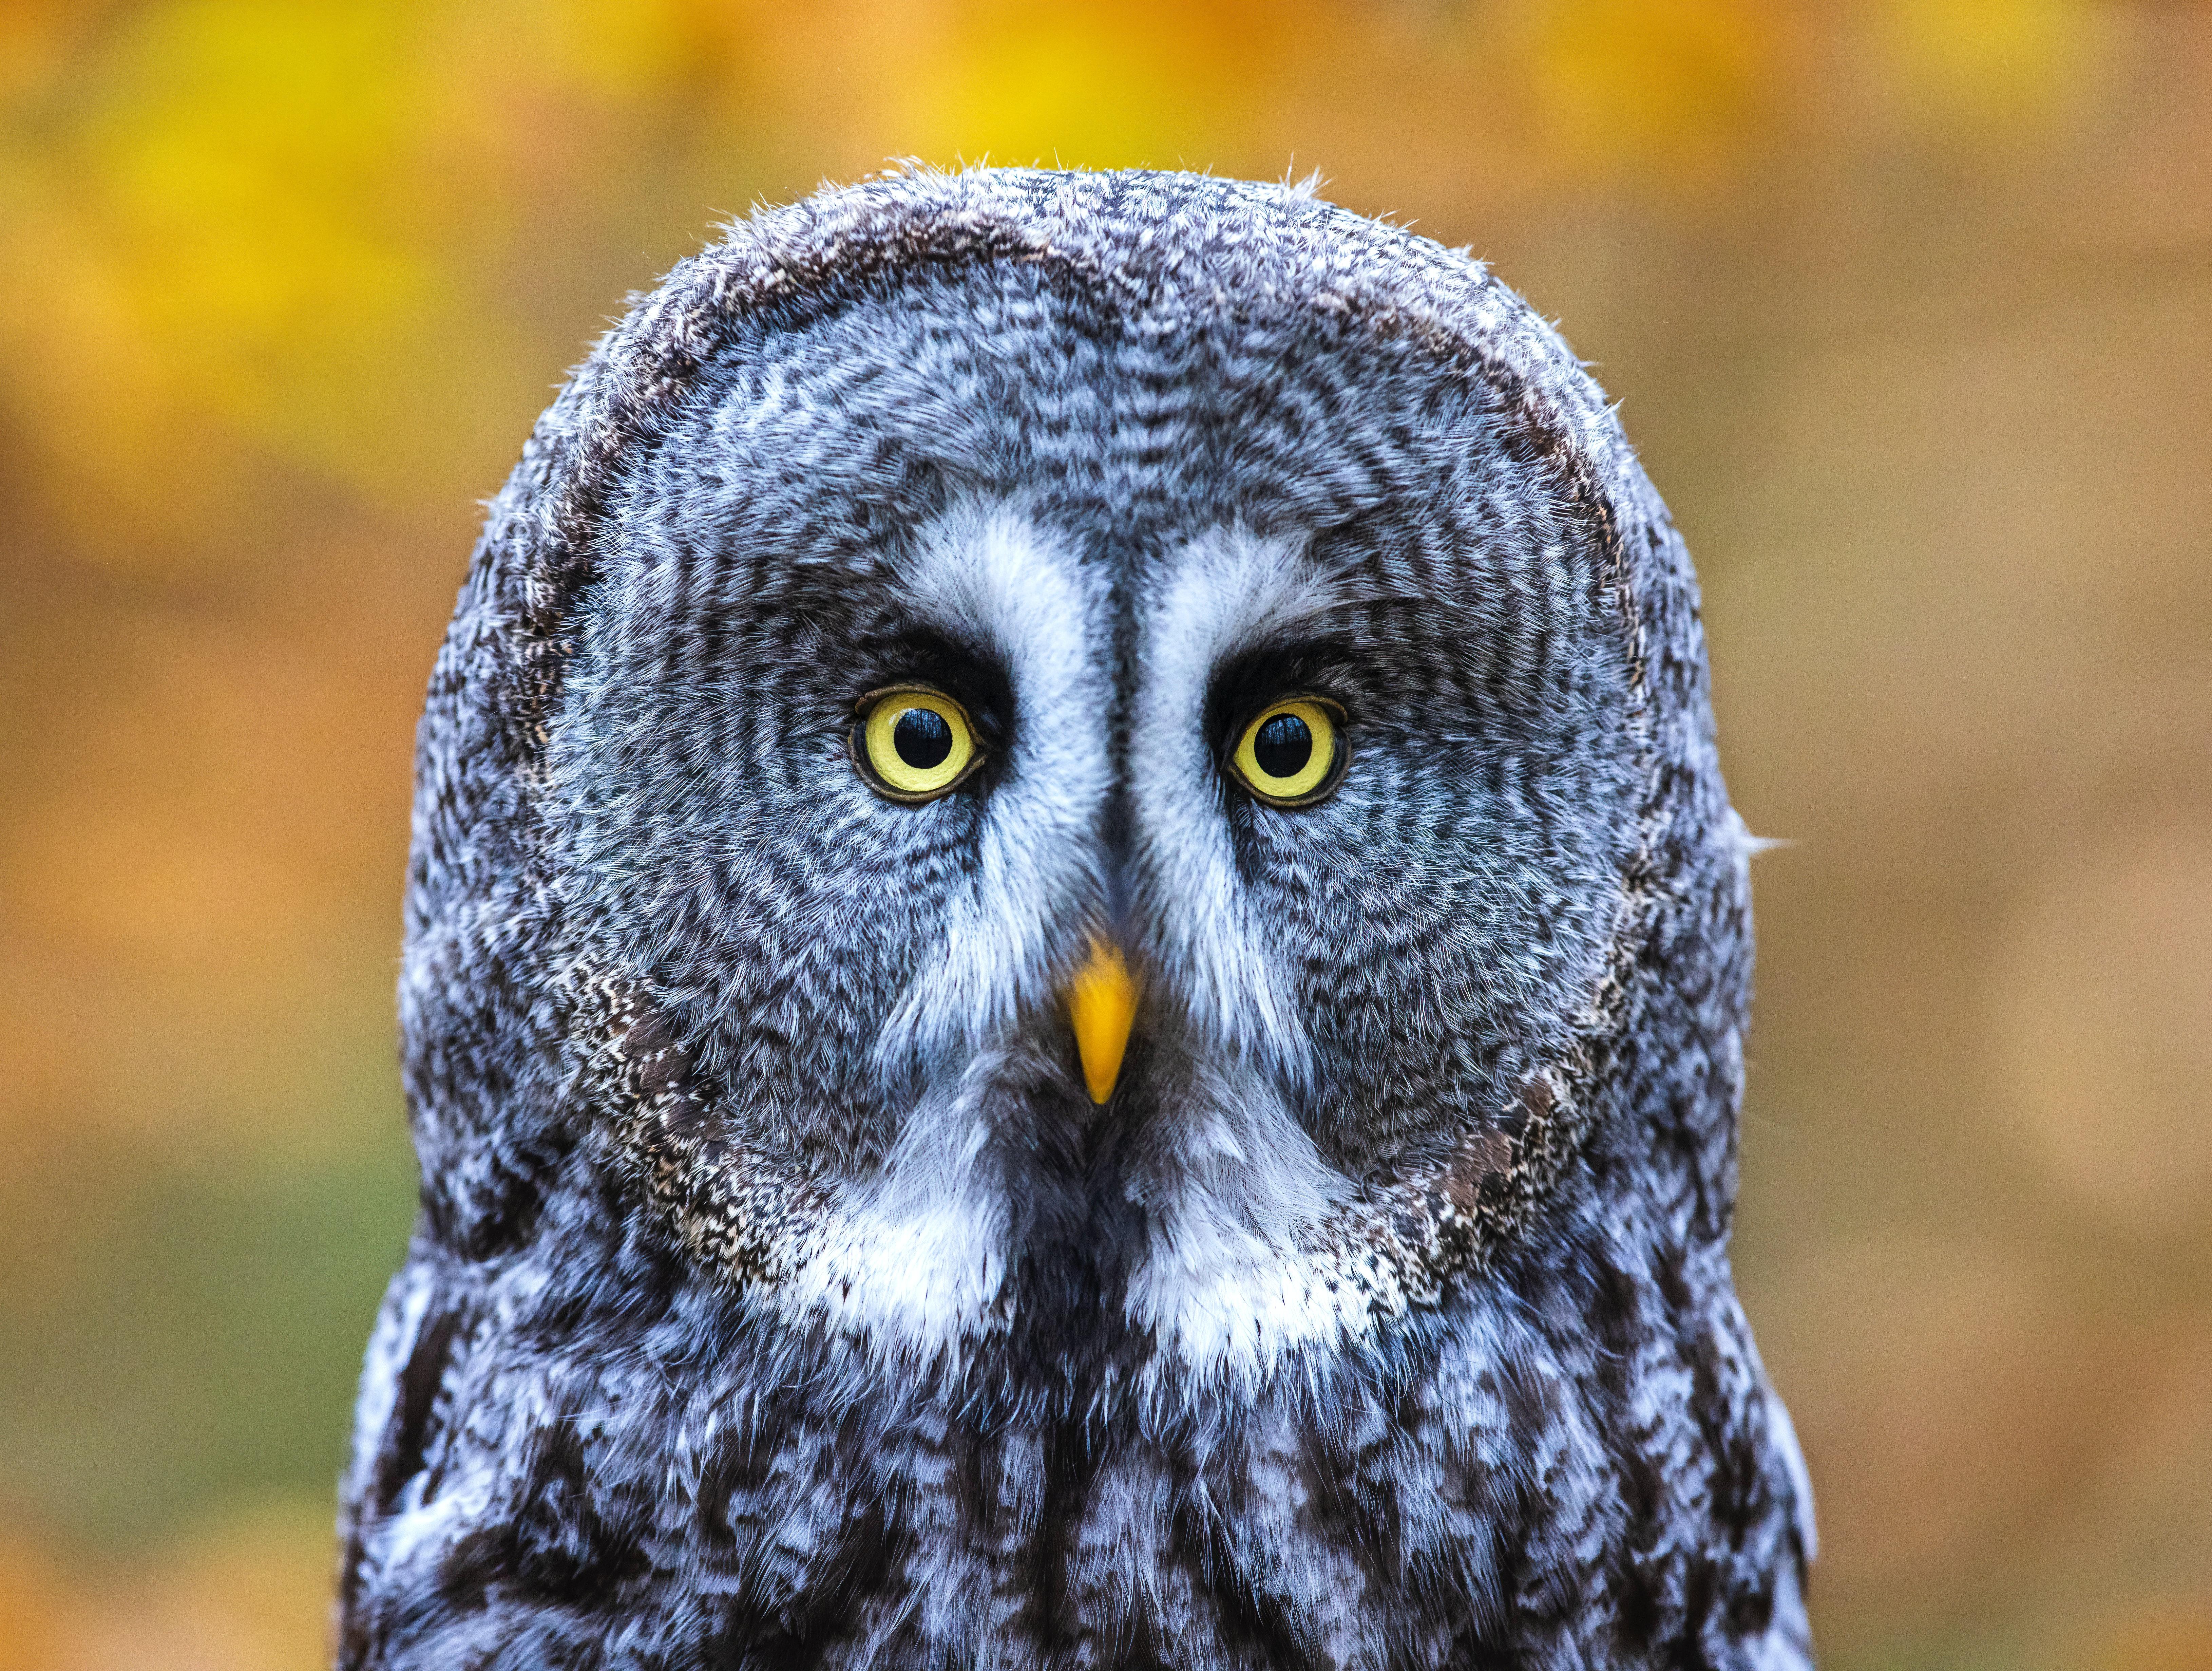 55846 скачать обои Взгляд, Животные, Птица, Глаза, Сова, Серый - заставки и картинки бесплатно